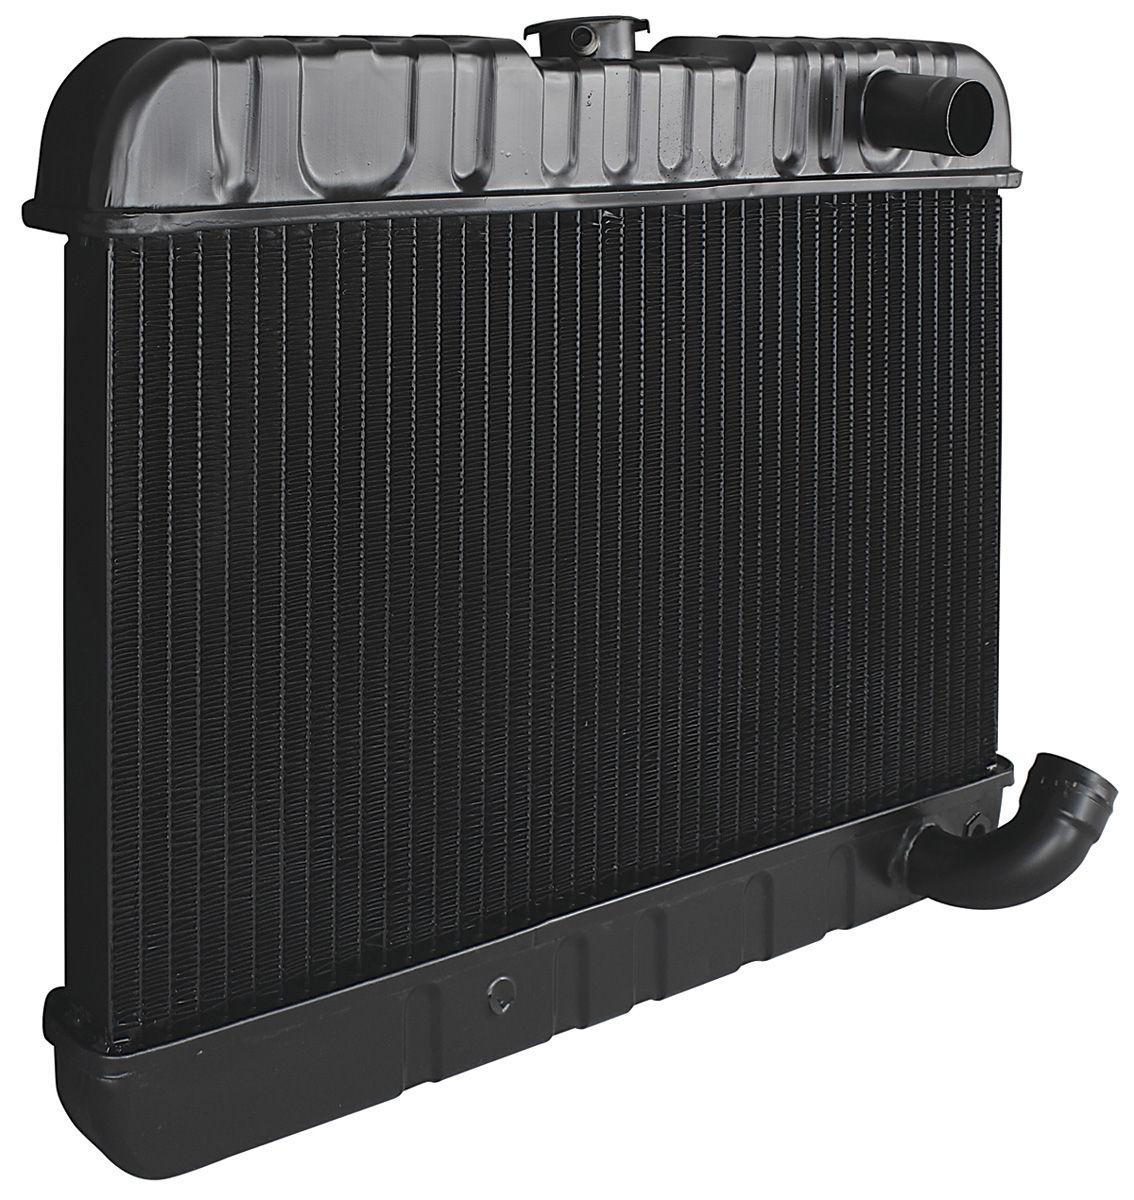 """Radiator, 1961-63 Skylark, V8, Manual, 2-Row, 12-3/8"""" X 23-1/8"""" X 1-1/4"""""""